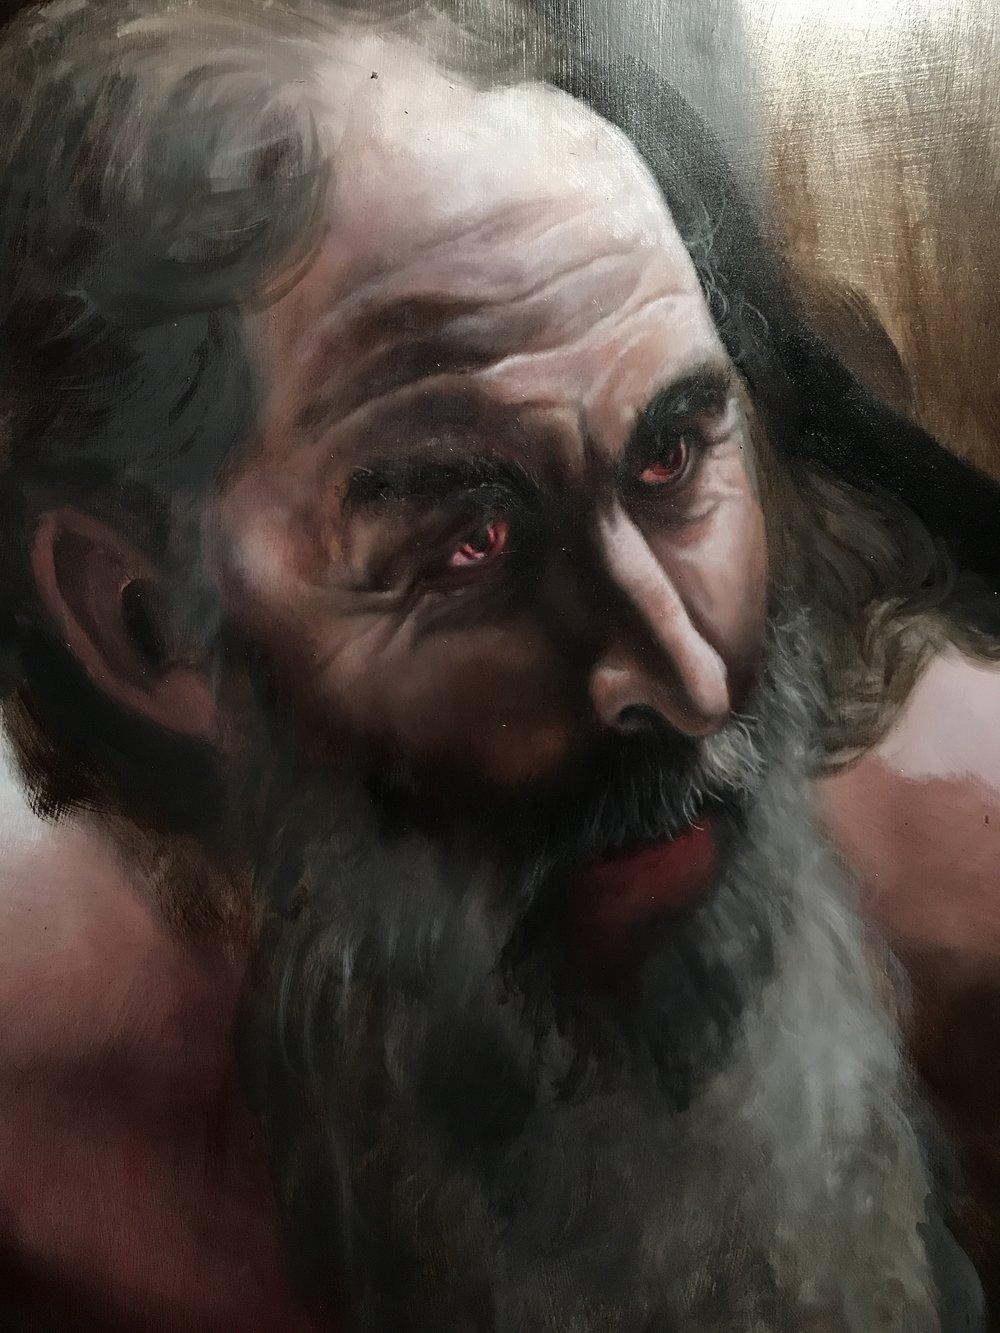 plutus-dantes-inferno-painting-canto-7.JPG